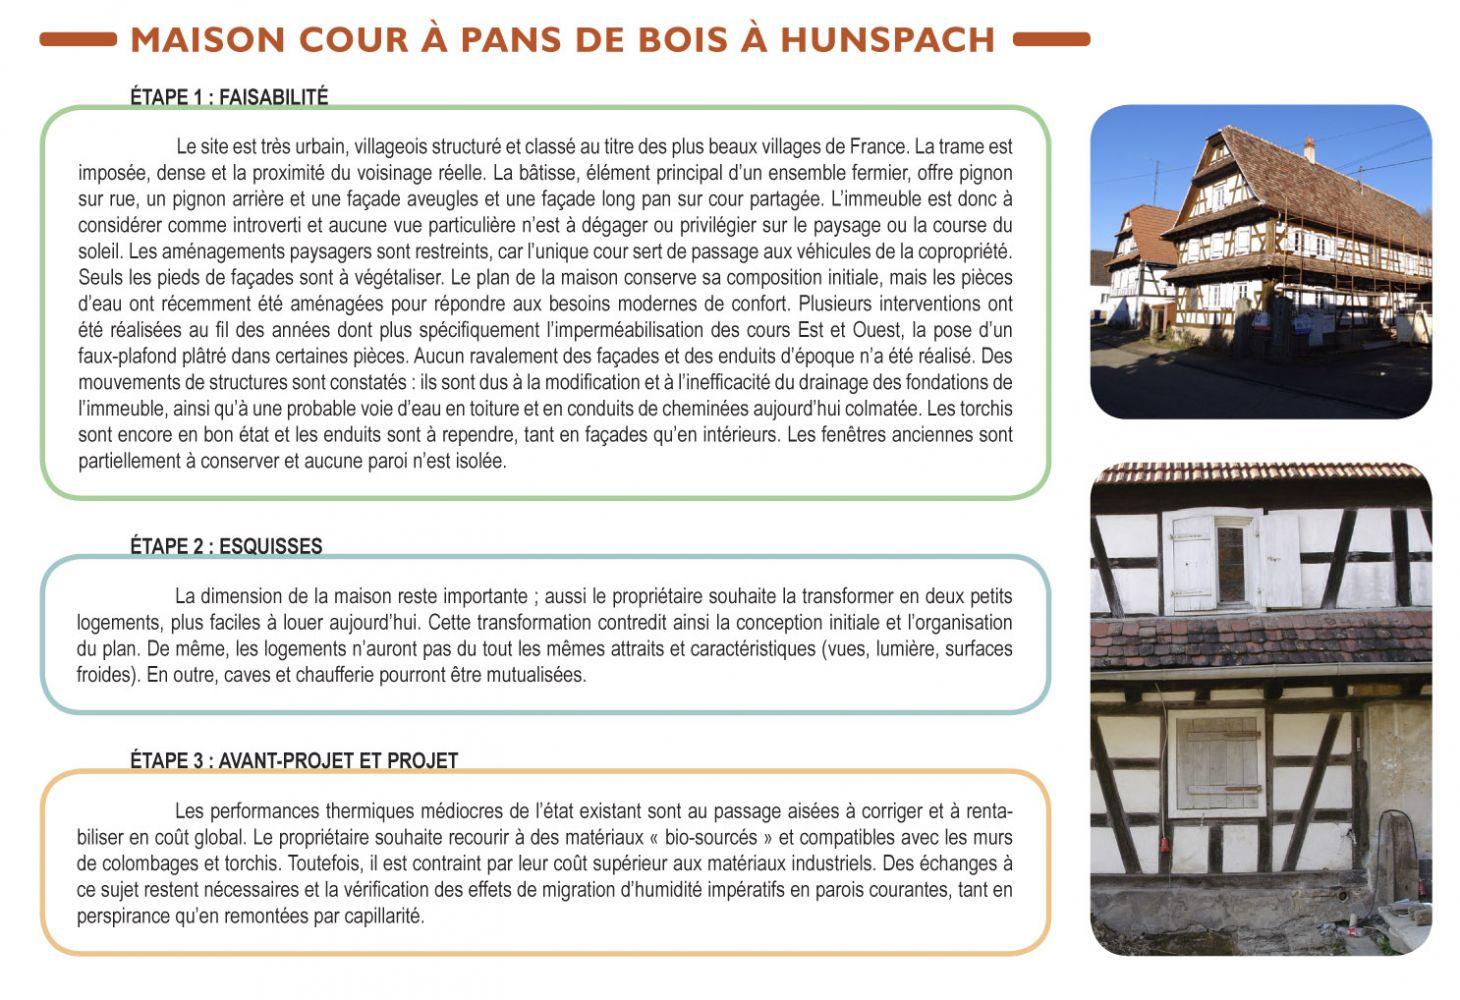 description, état des lieux de la maison à pan de bois de Hunspach